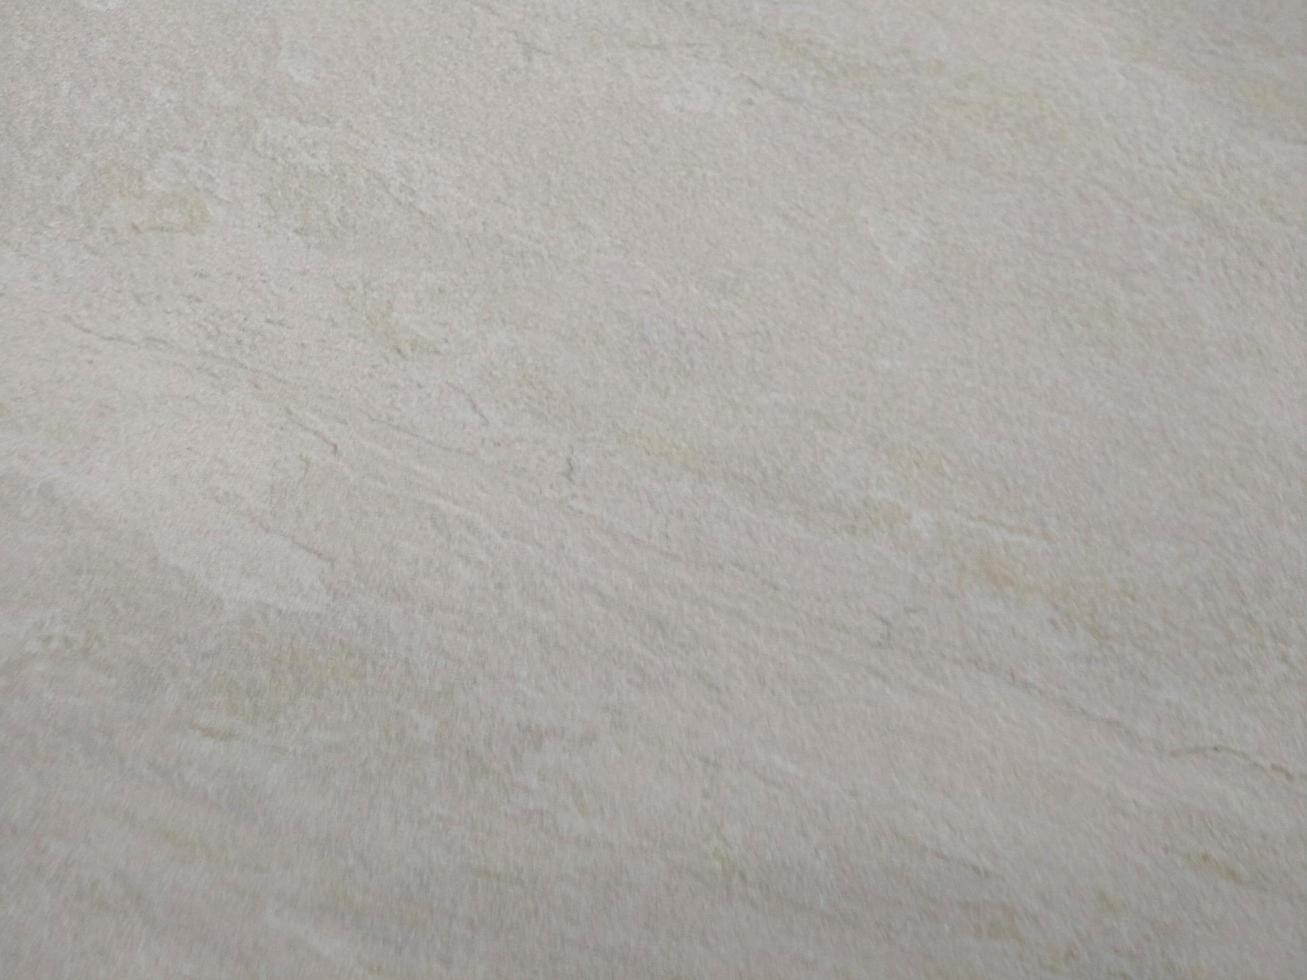 superficie de hormigón gris foto